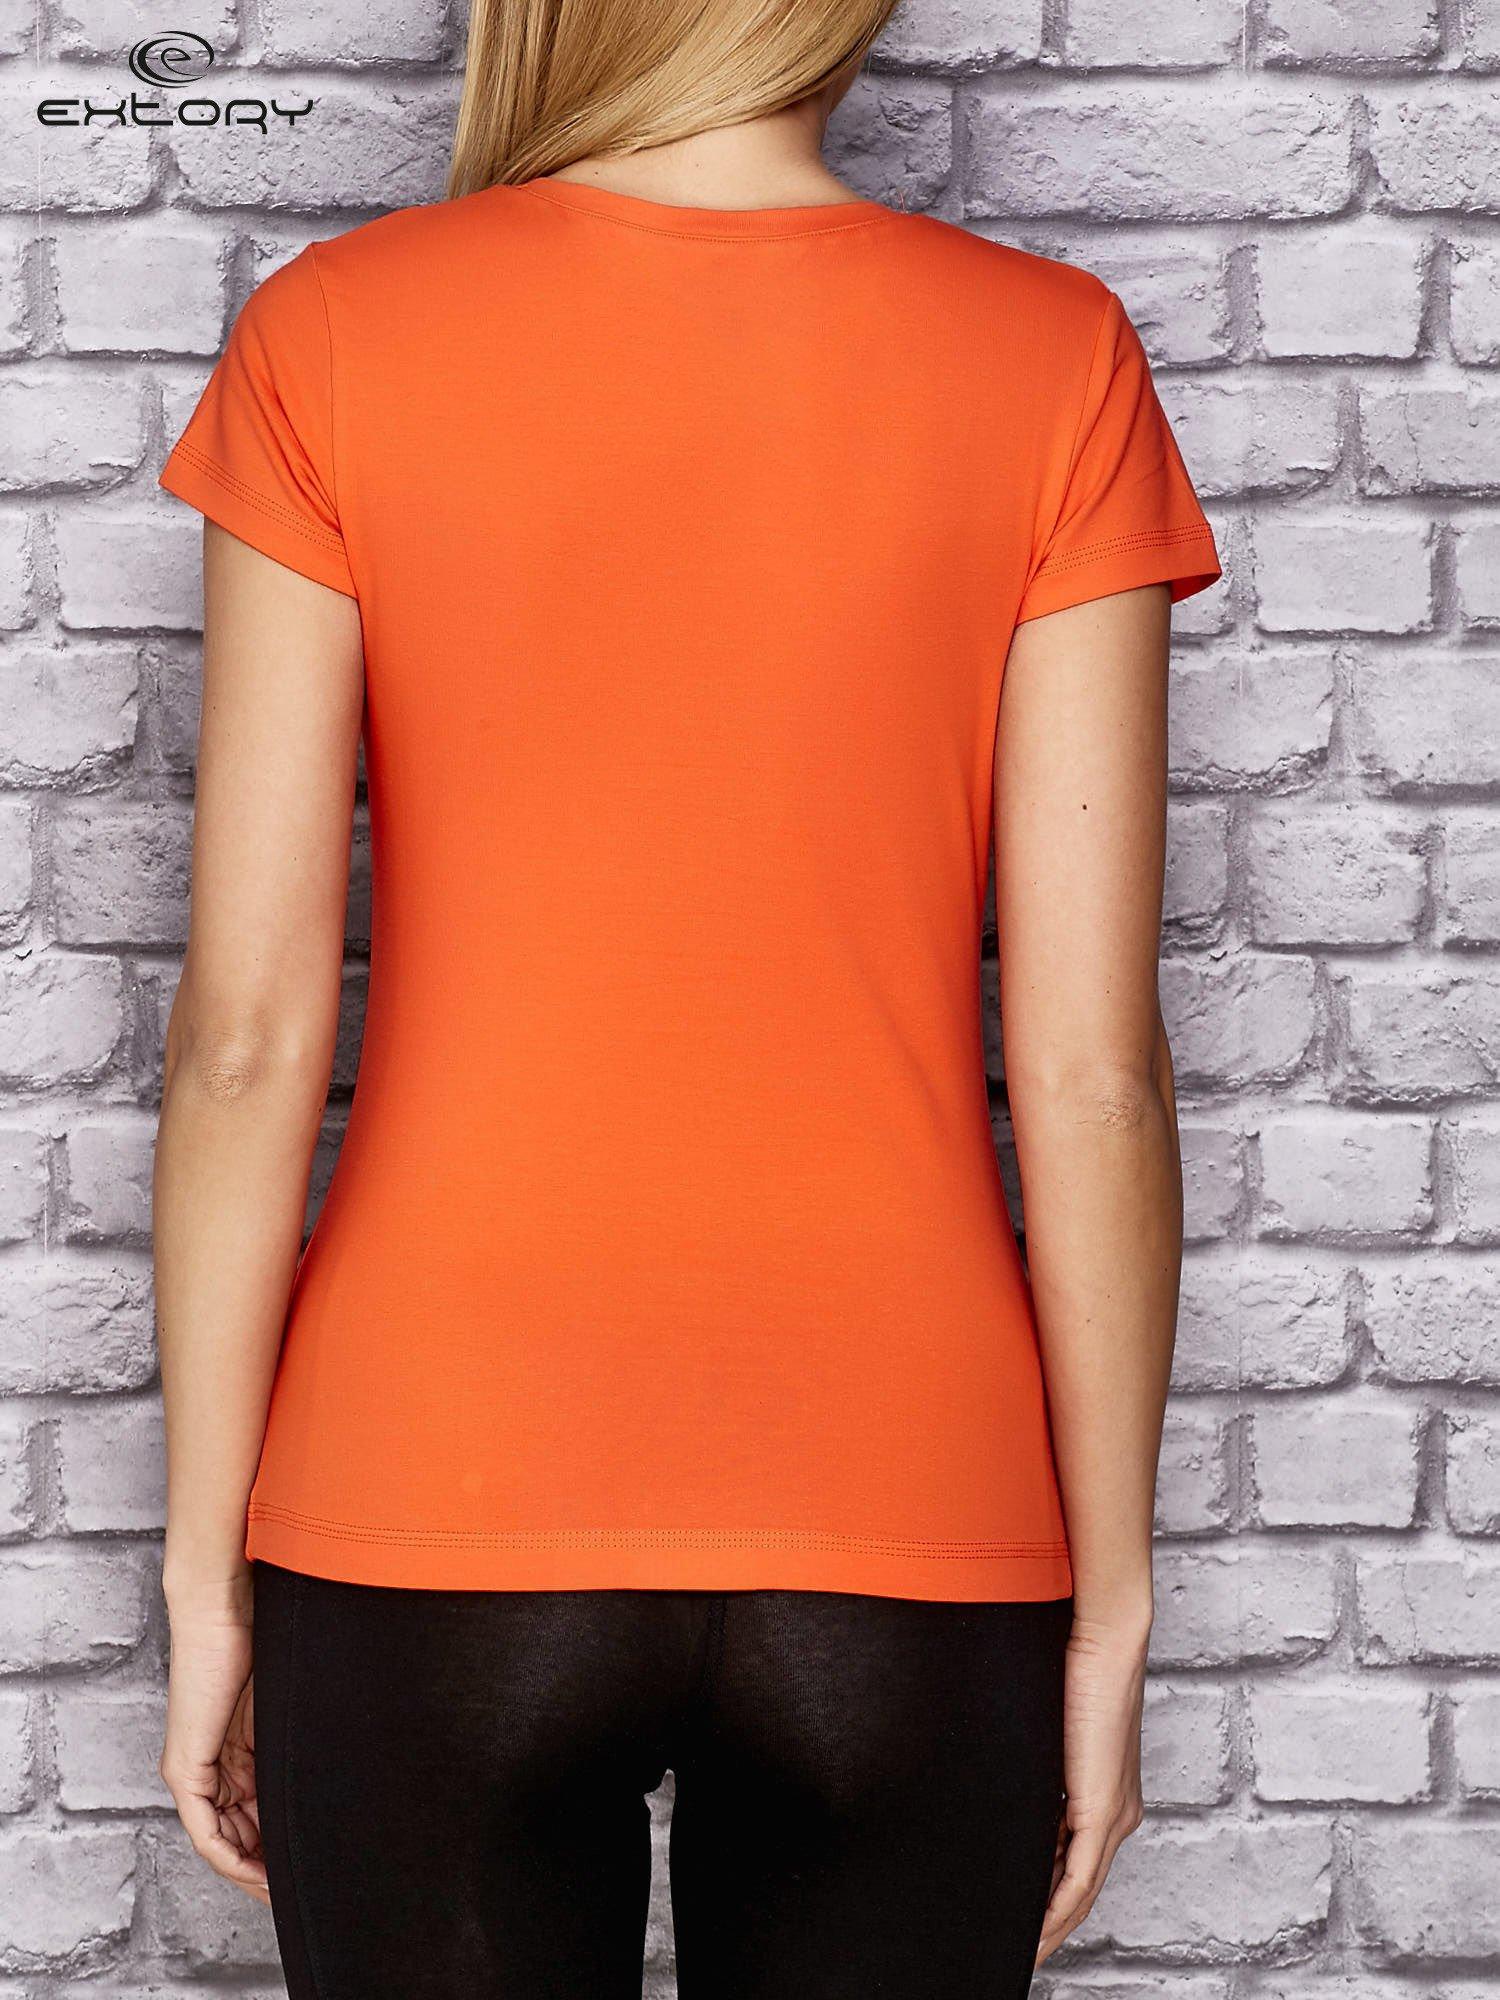 Pomarańczowy damski t-shirt sportowy z modelującymi przeszyciami                                  zdj.                                  2